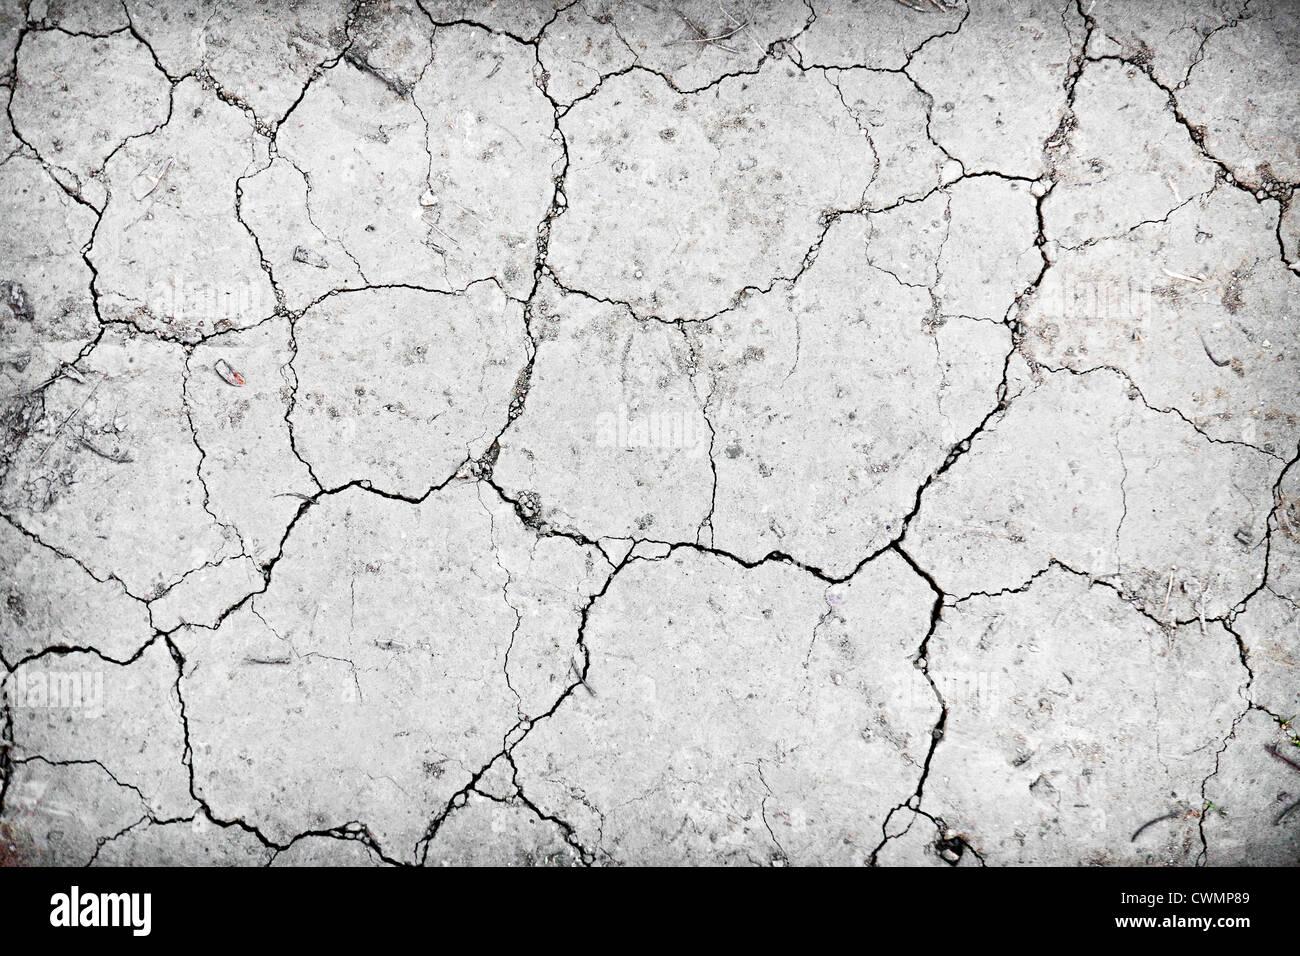 Hintergrund der trockenen rissigen Boden Schmutz oder Erde während Dürre Stockbild